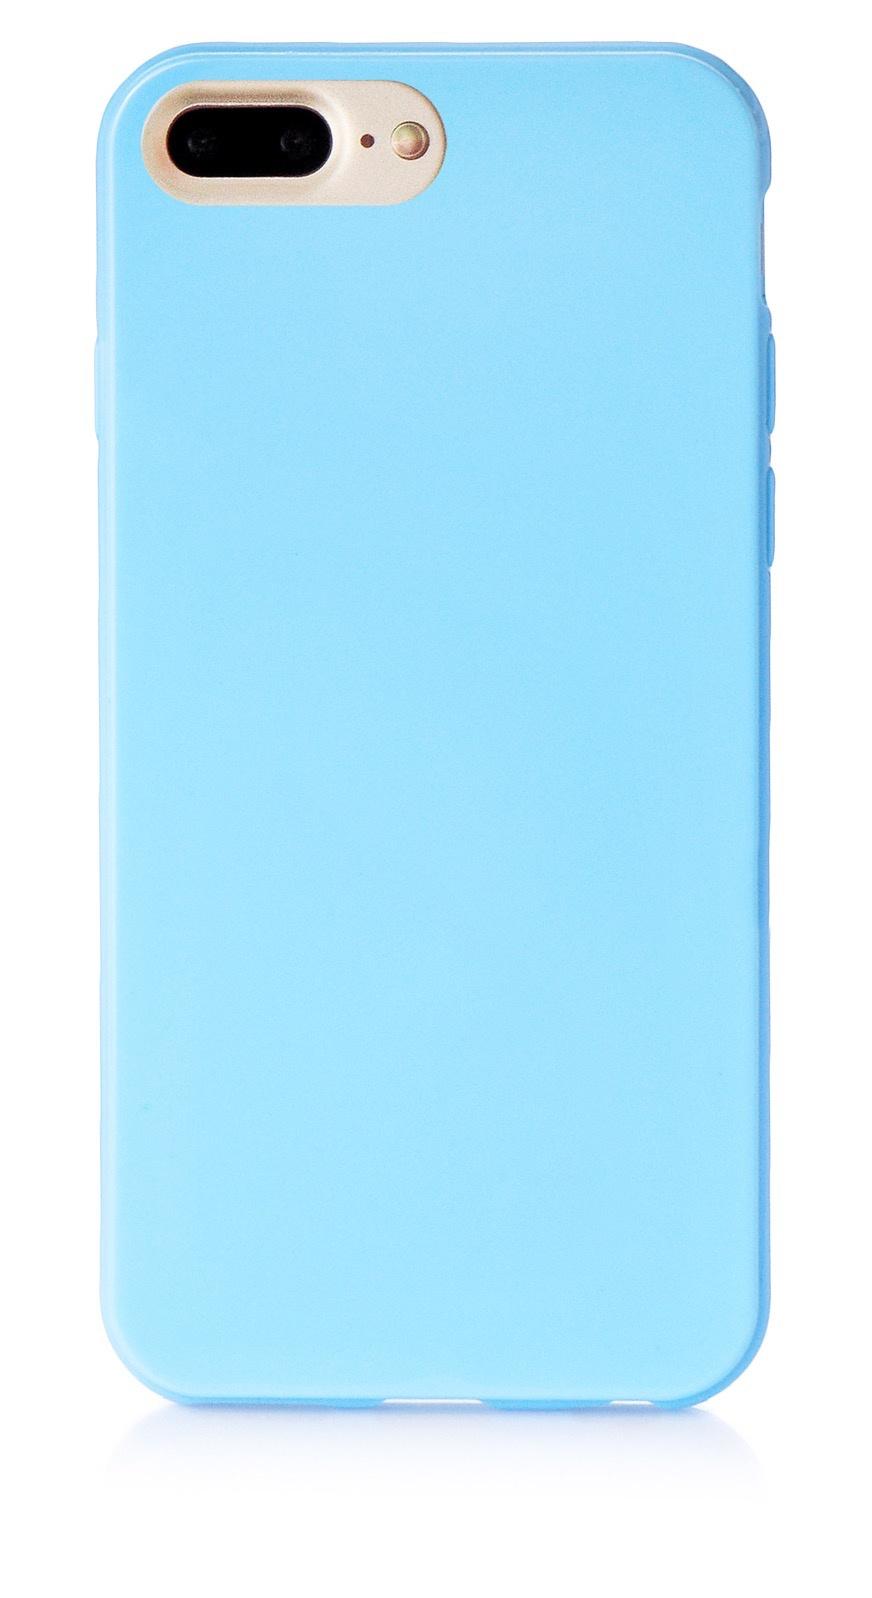 """Чехол для сотового телефона iNeez накладка силикон мыльница 900822 для Apple Iphone 7 Plus/8 Plus 5.5"""", голубой"""